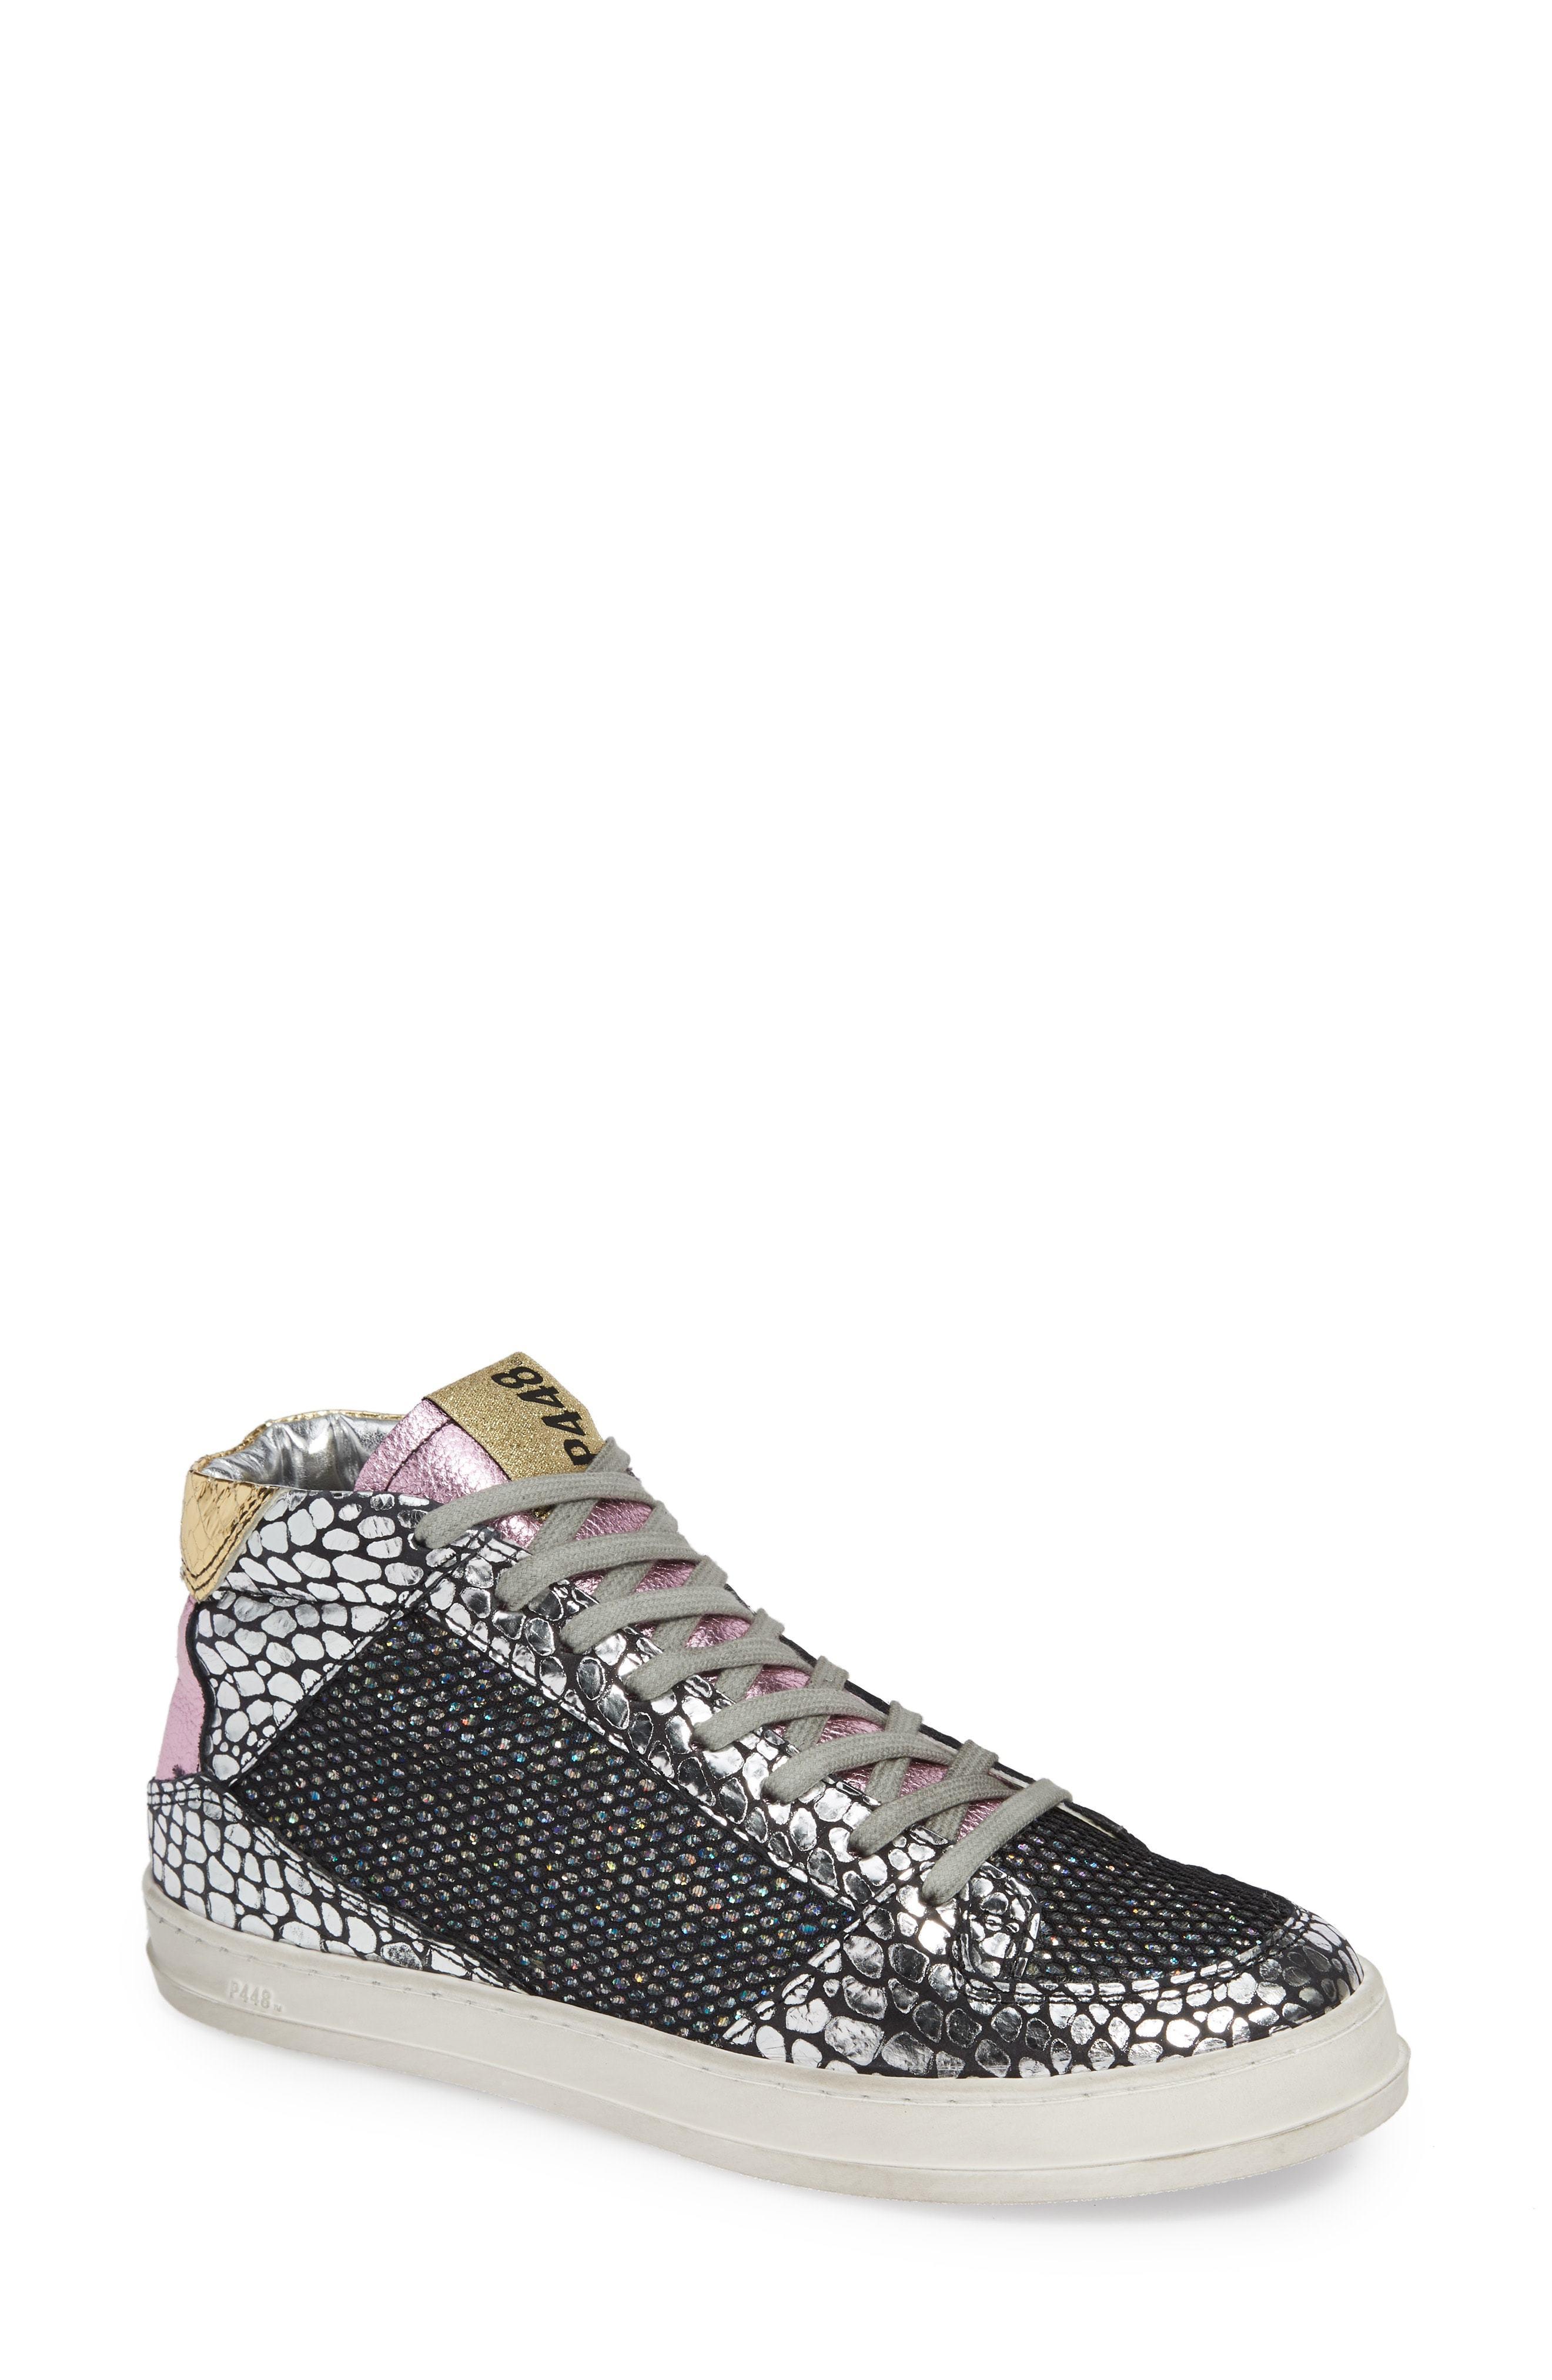 P448 Queens Mid Sneaker, $177